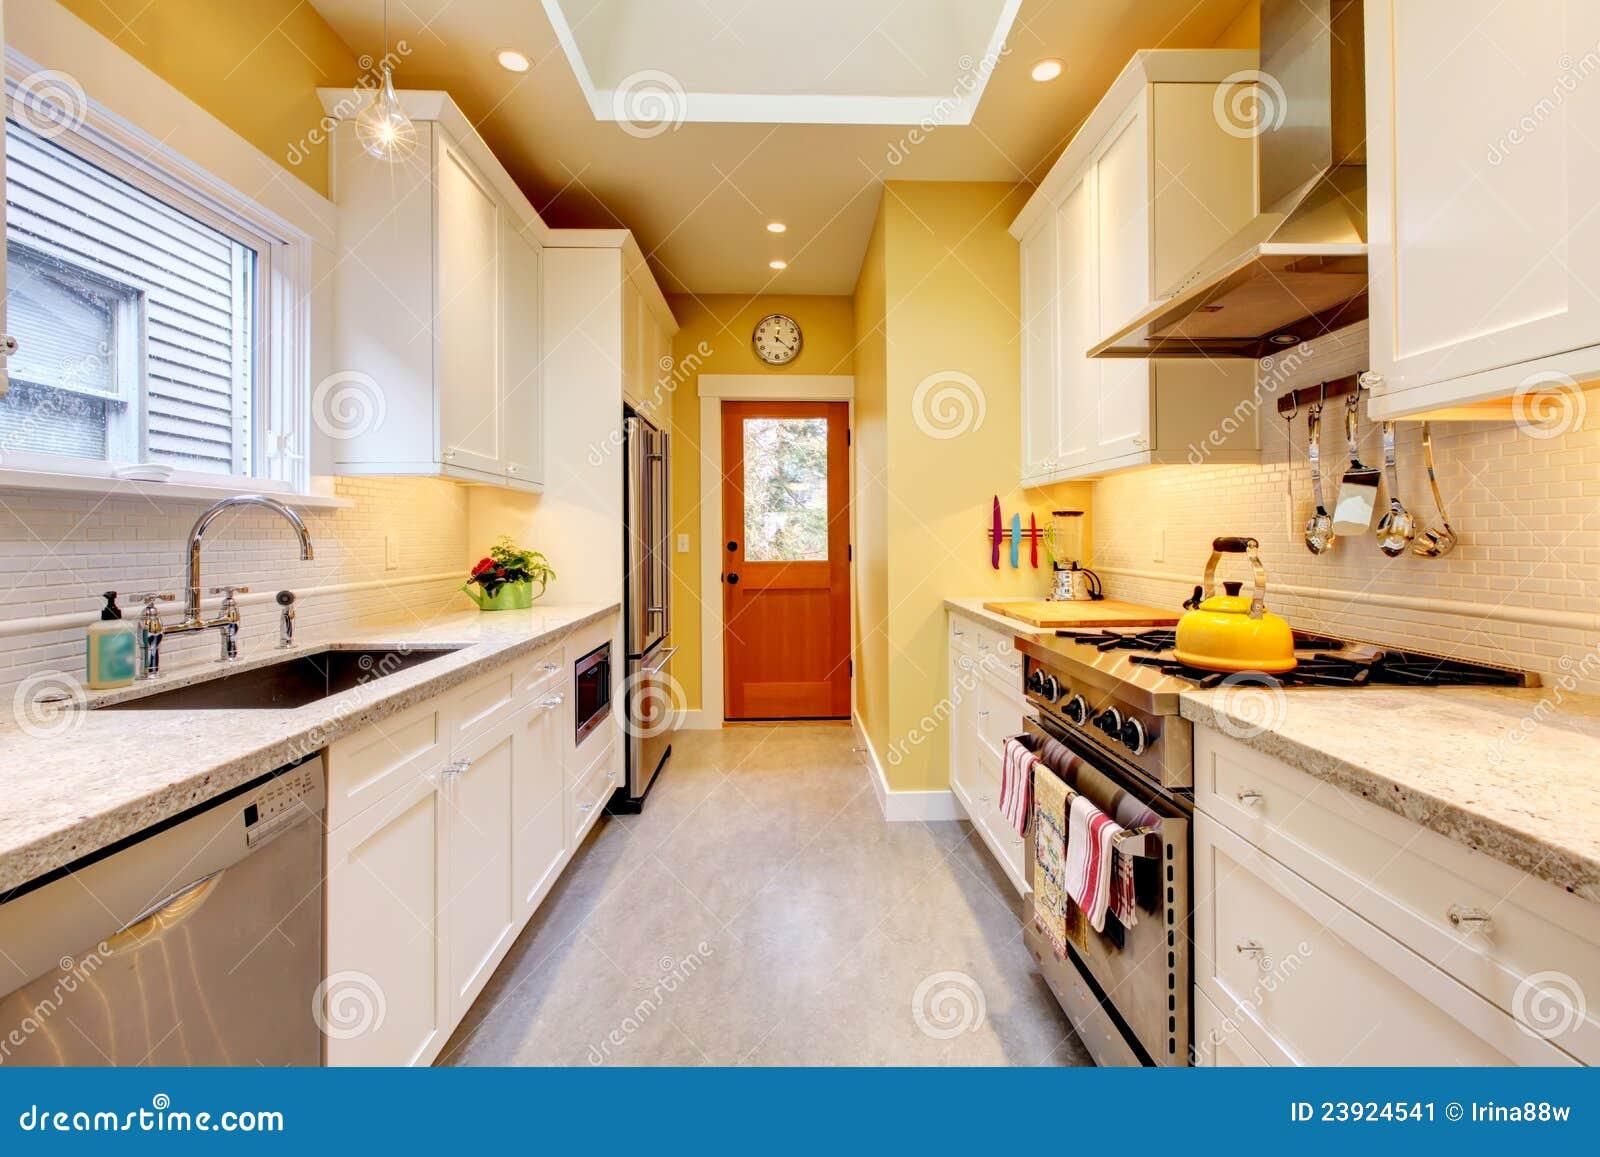 Cuisine moderne étroite jaune et blanche. image stock   image ...